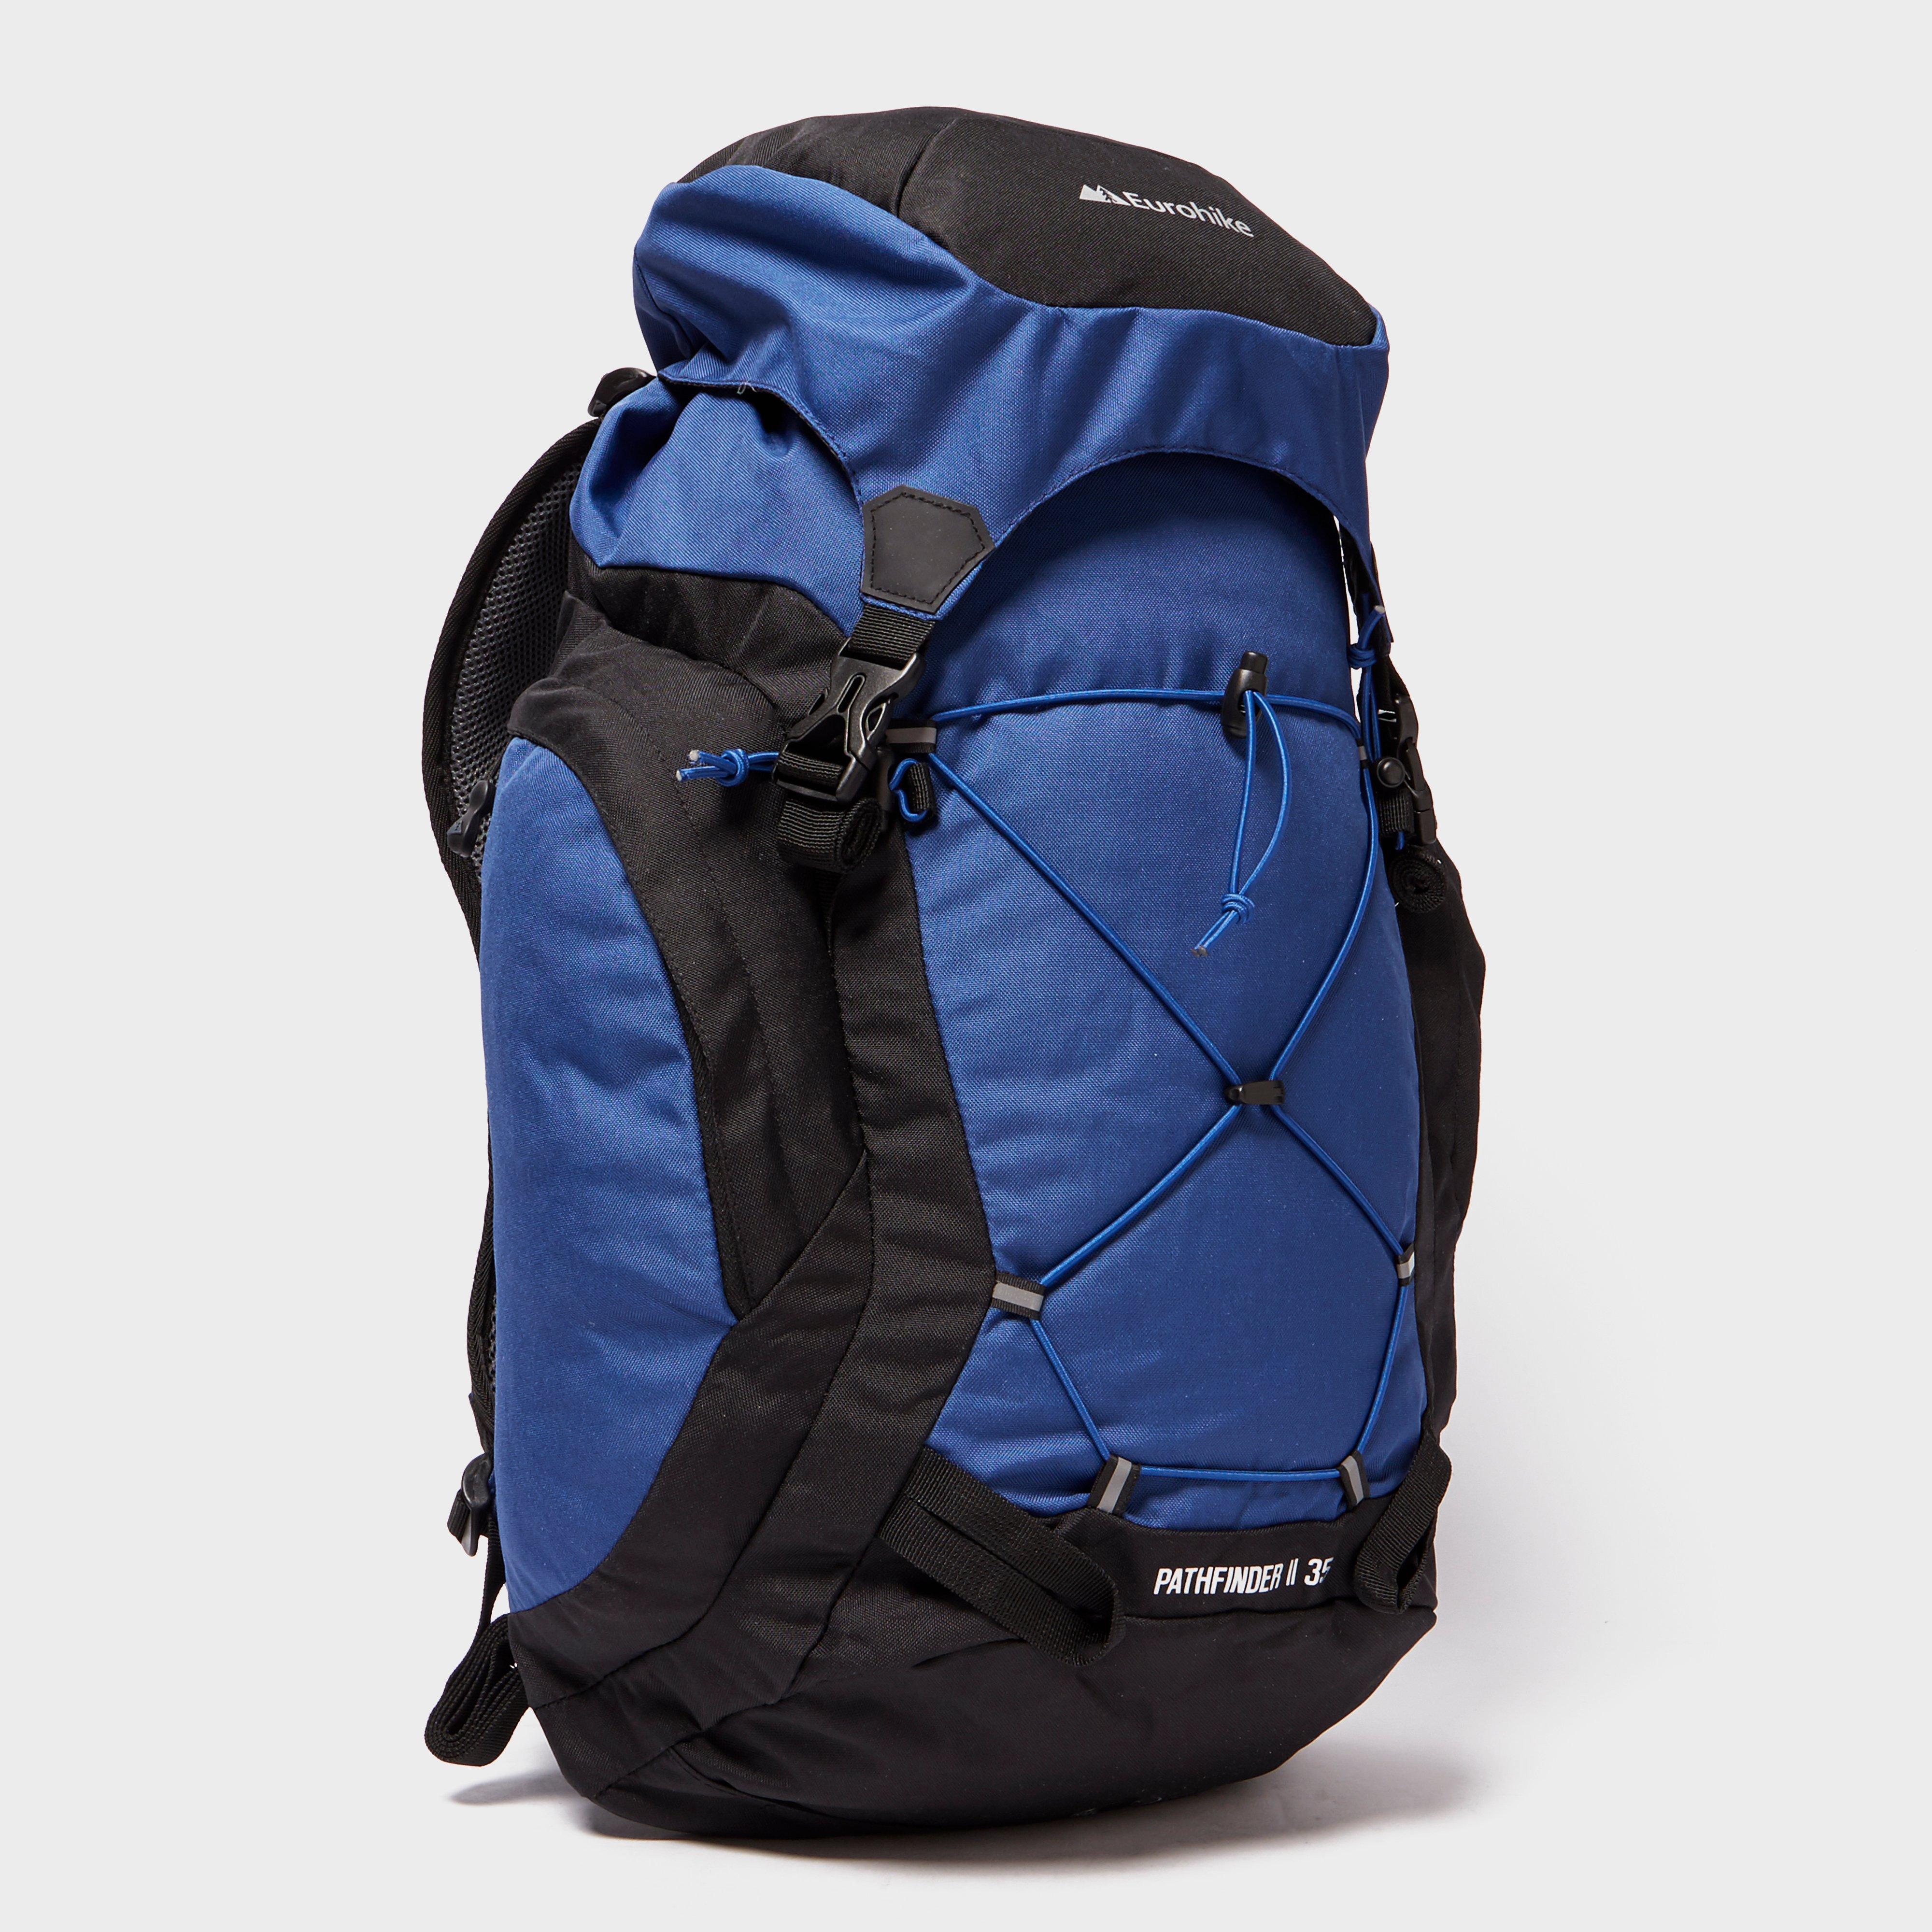 Eurohike Eurohike Pathfinder II 35L Rucksack - Blue, Blue